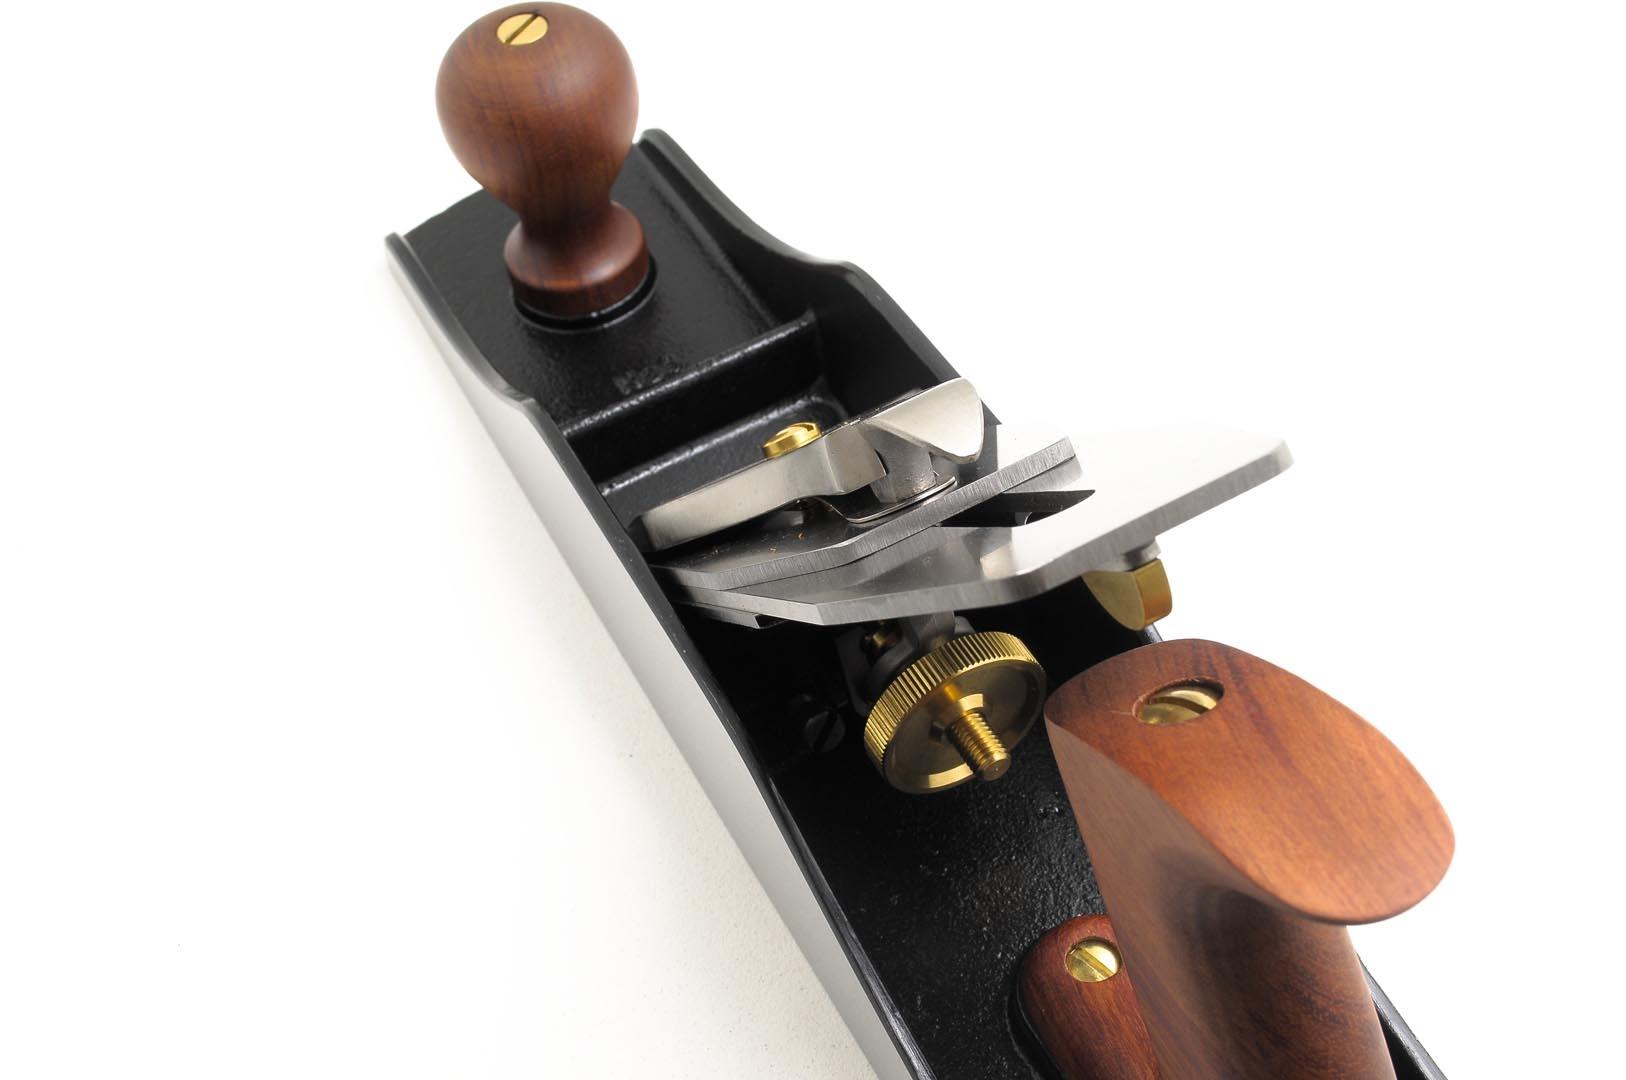 150876-Cepillo 6 bedrock garlopa para madera fina WoodRiver 150876-max-3.